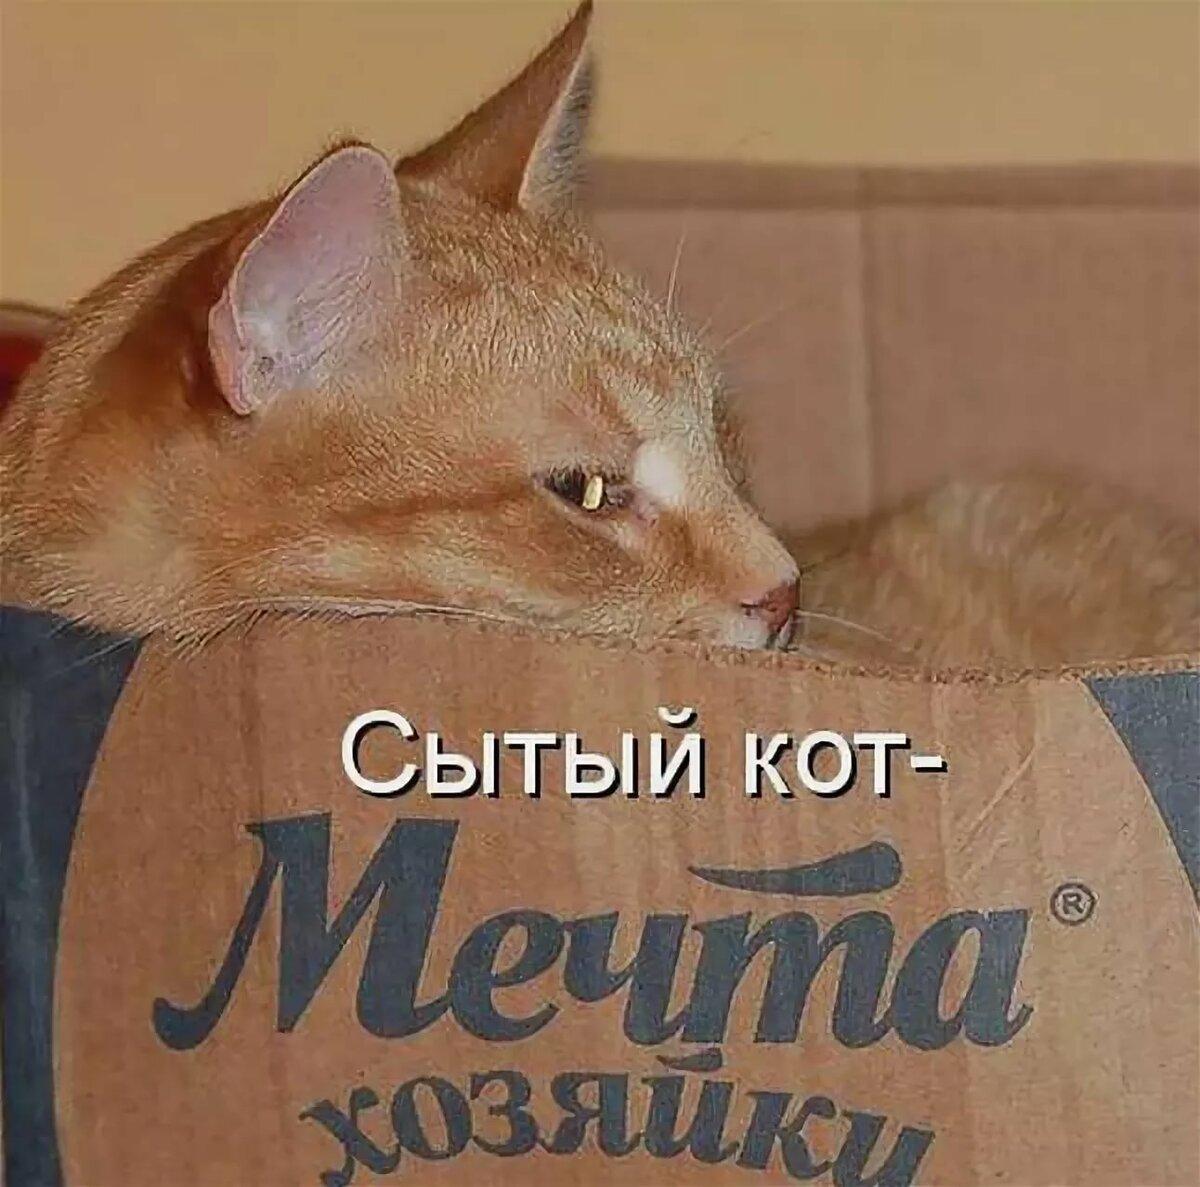 Сестра картинки, кошачьи приколы с надписями картинки